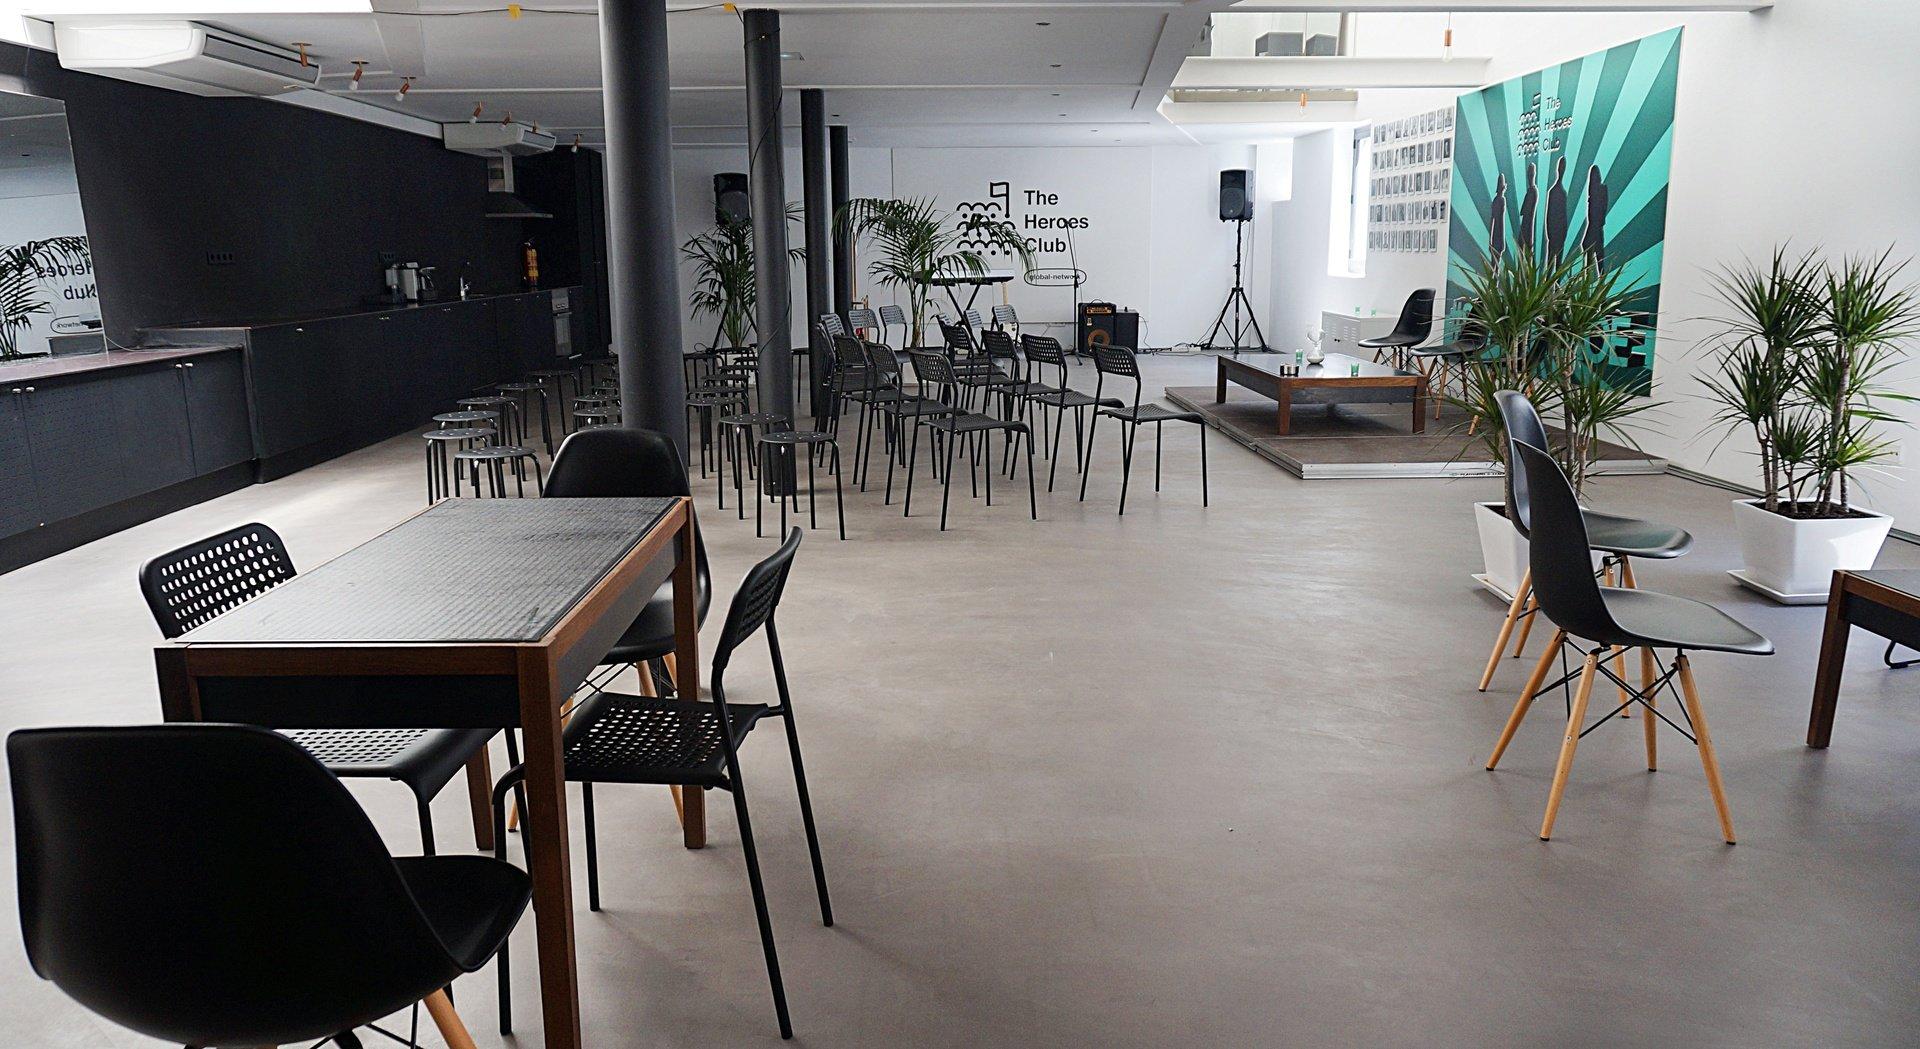 Madrid workshop spaces Club The Heroes Club image 0